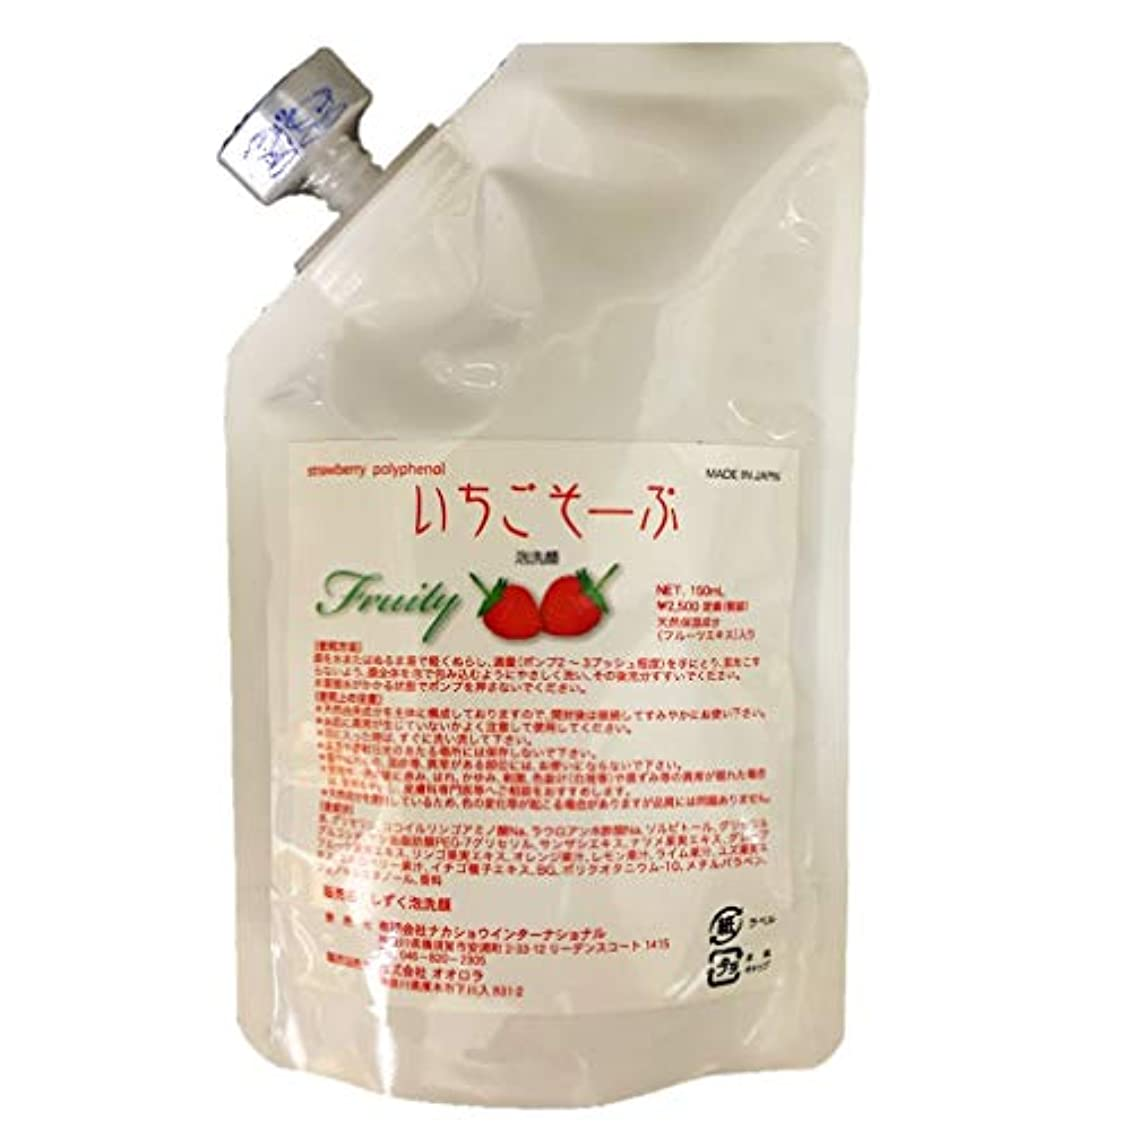 誘導キャリア誰のいちごそーぷ 泡洗顔料 150mL詰替えパウチ 超保湿を優しいフルーツで